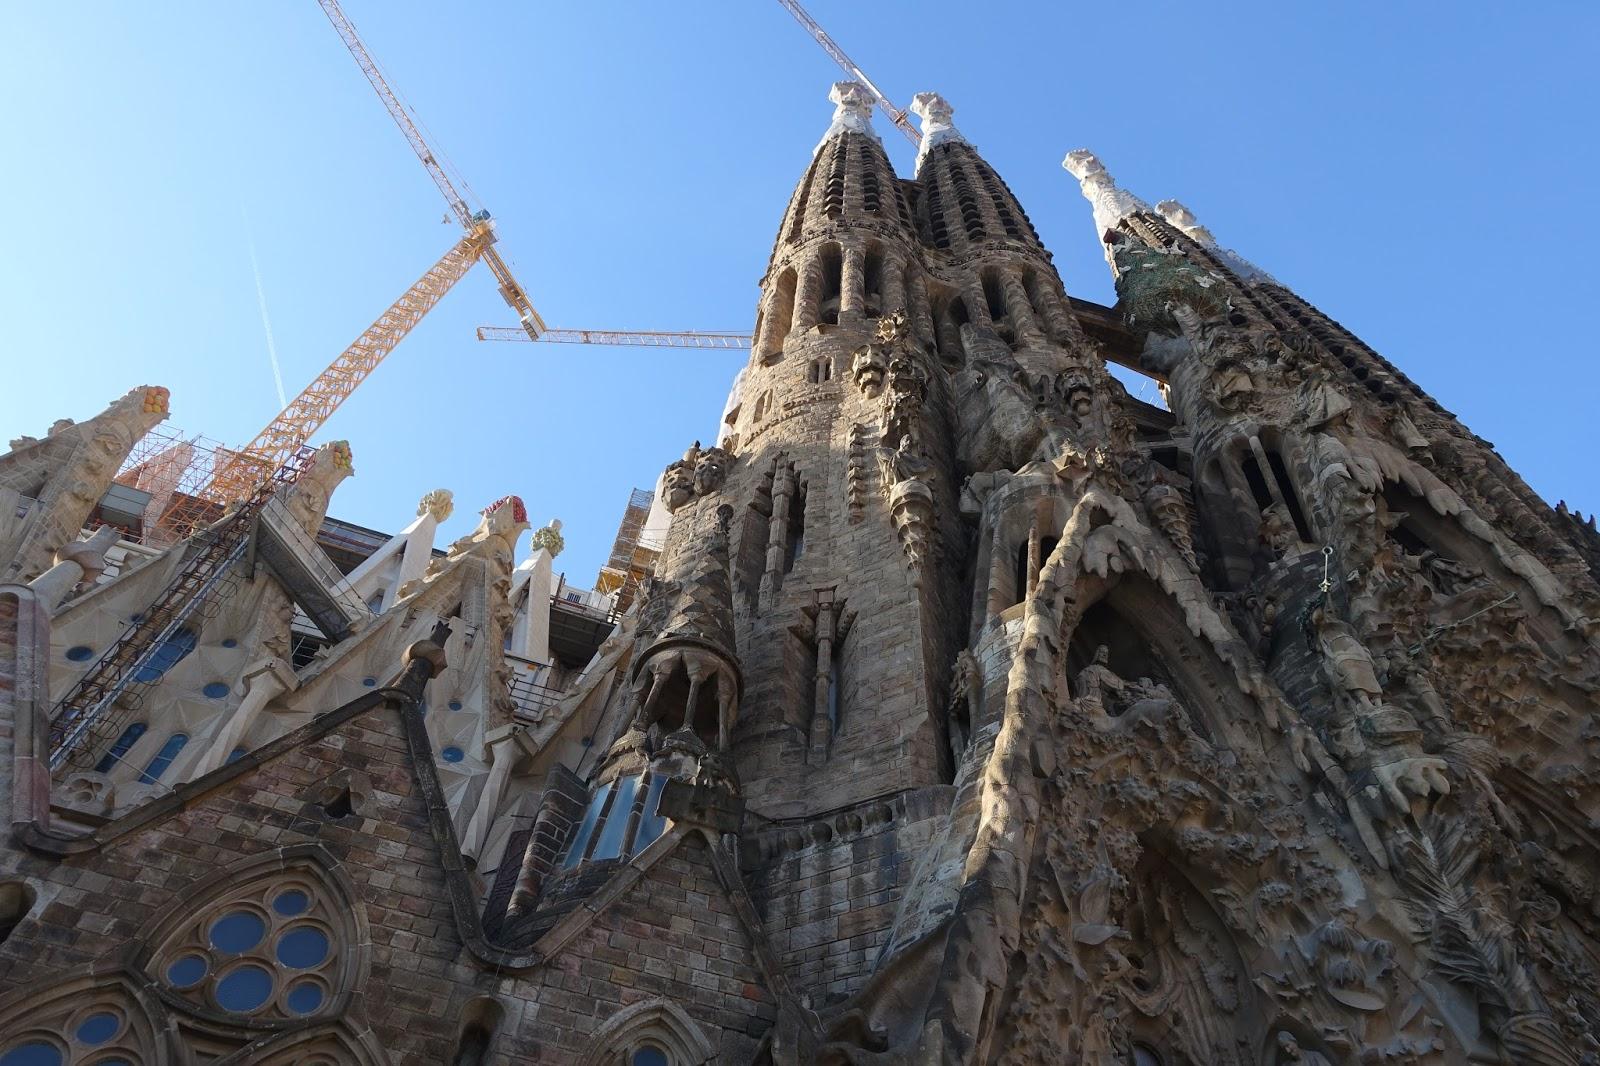 サグラダ・ファミリア (Sagrada Familia)「誕生のファサード(Façana del Naixement)」を見上げる